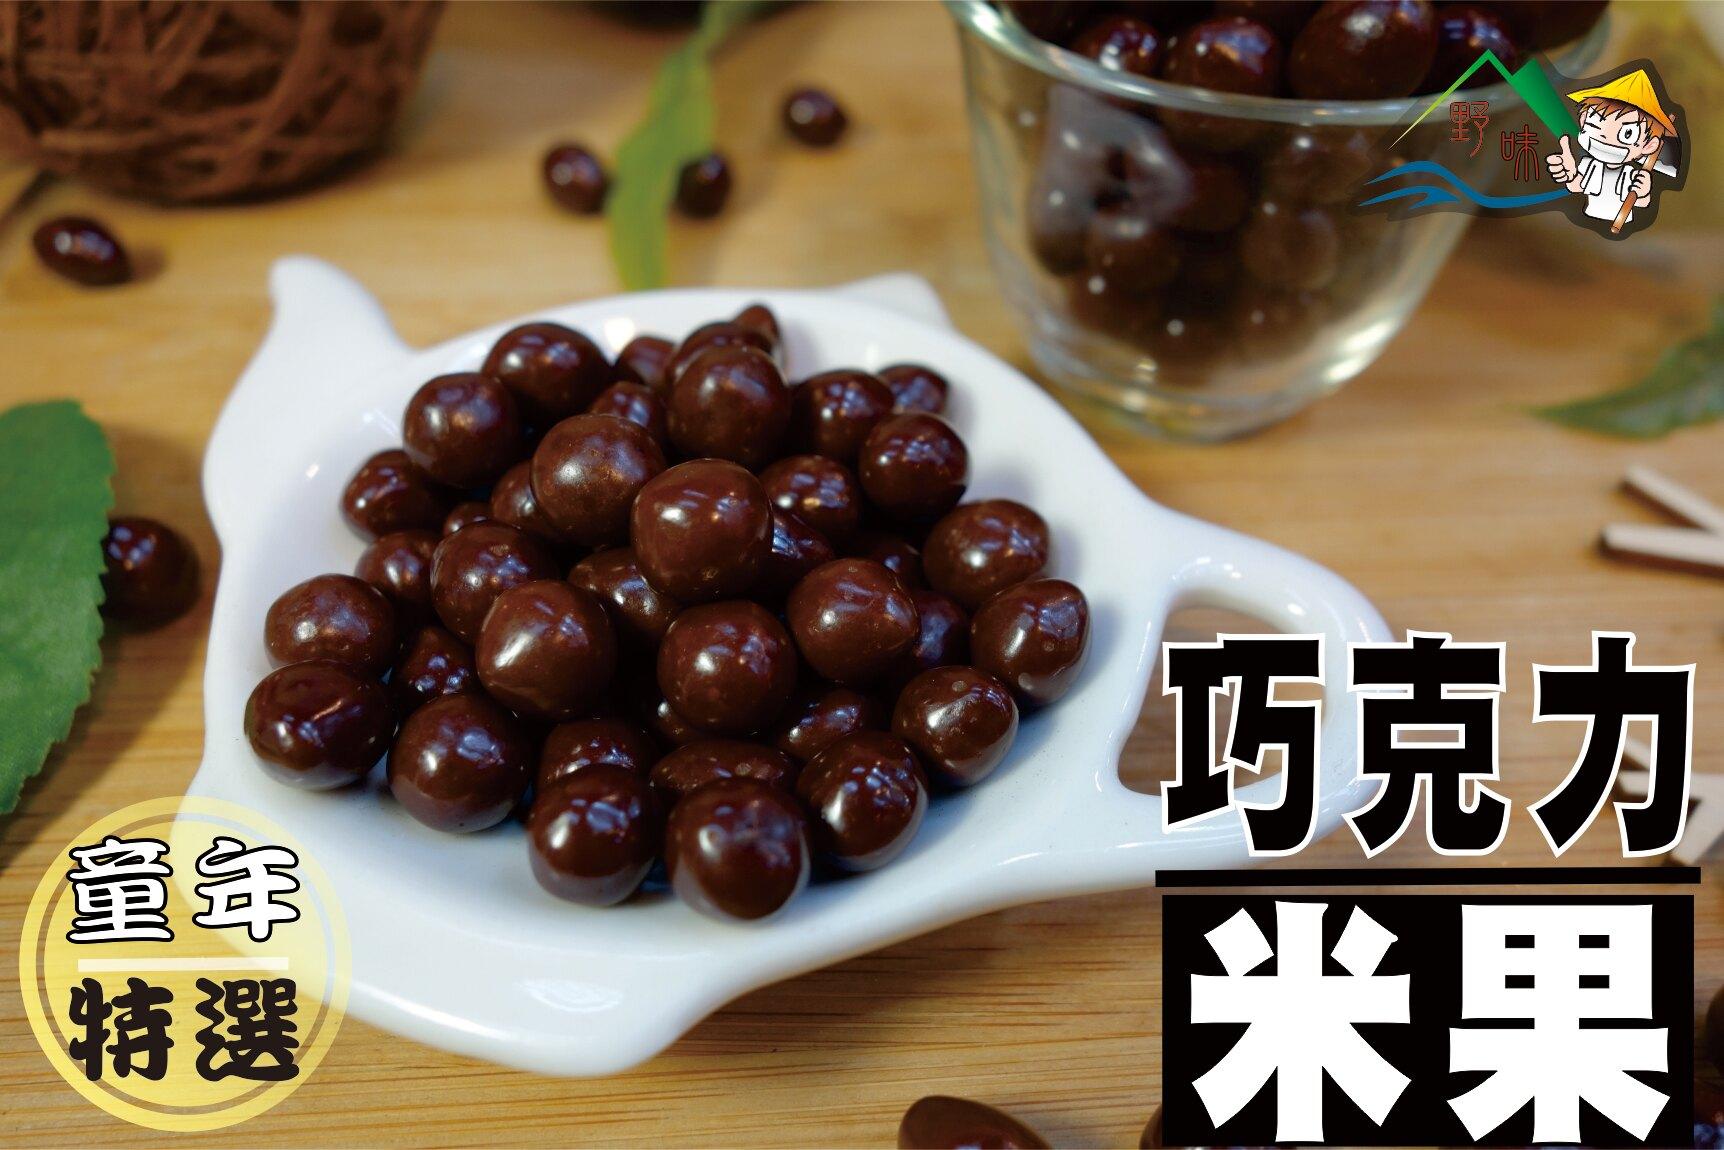 【野味食品】紅蜻蜓 巧克力米果(巧克力米豆,巧克力豆,米菓巧克力) 280g/包,760g/包(桃園實體店面出貨)